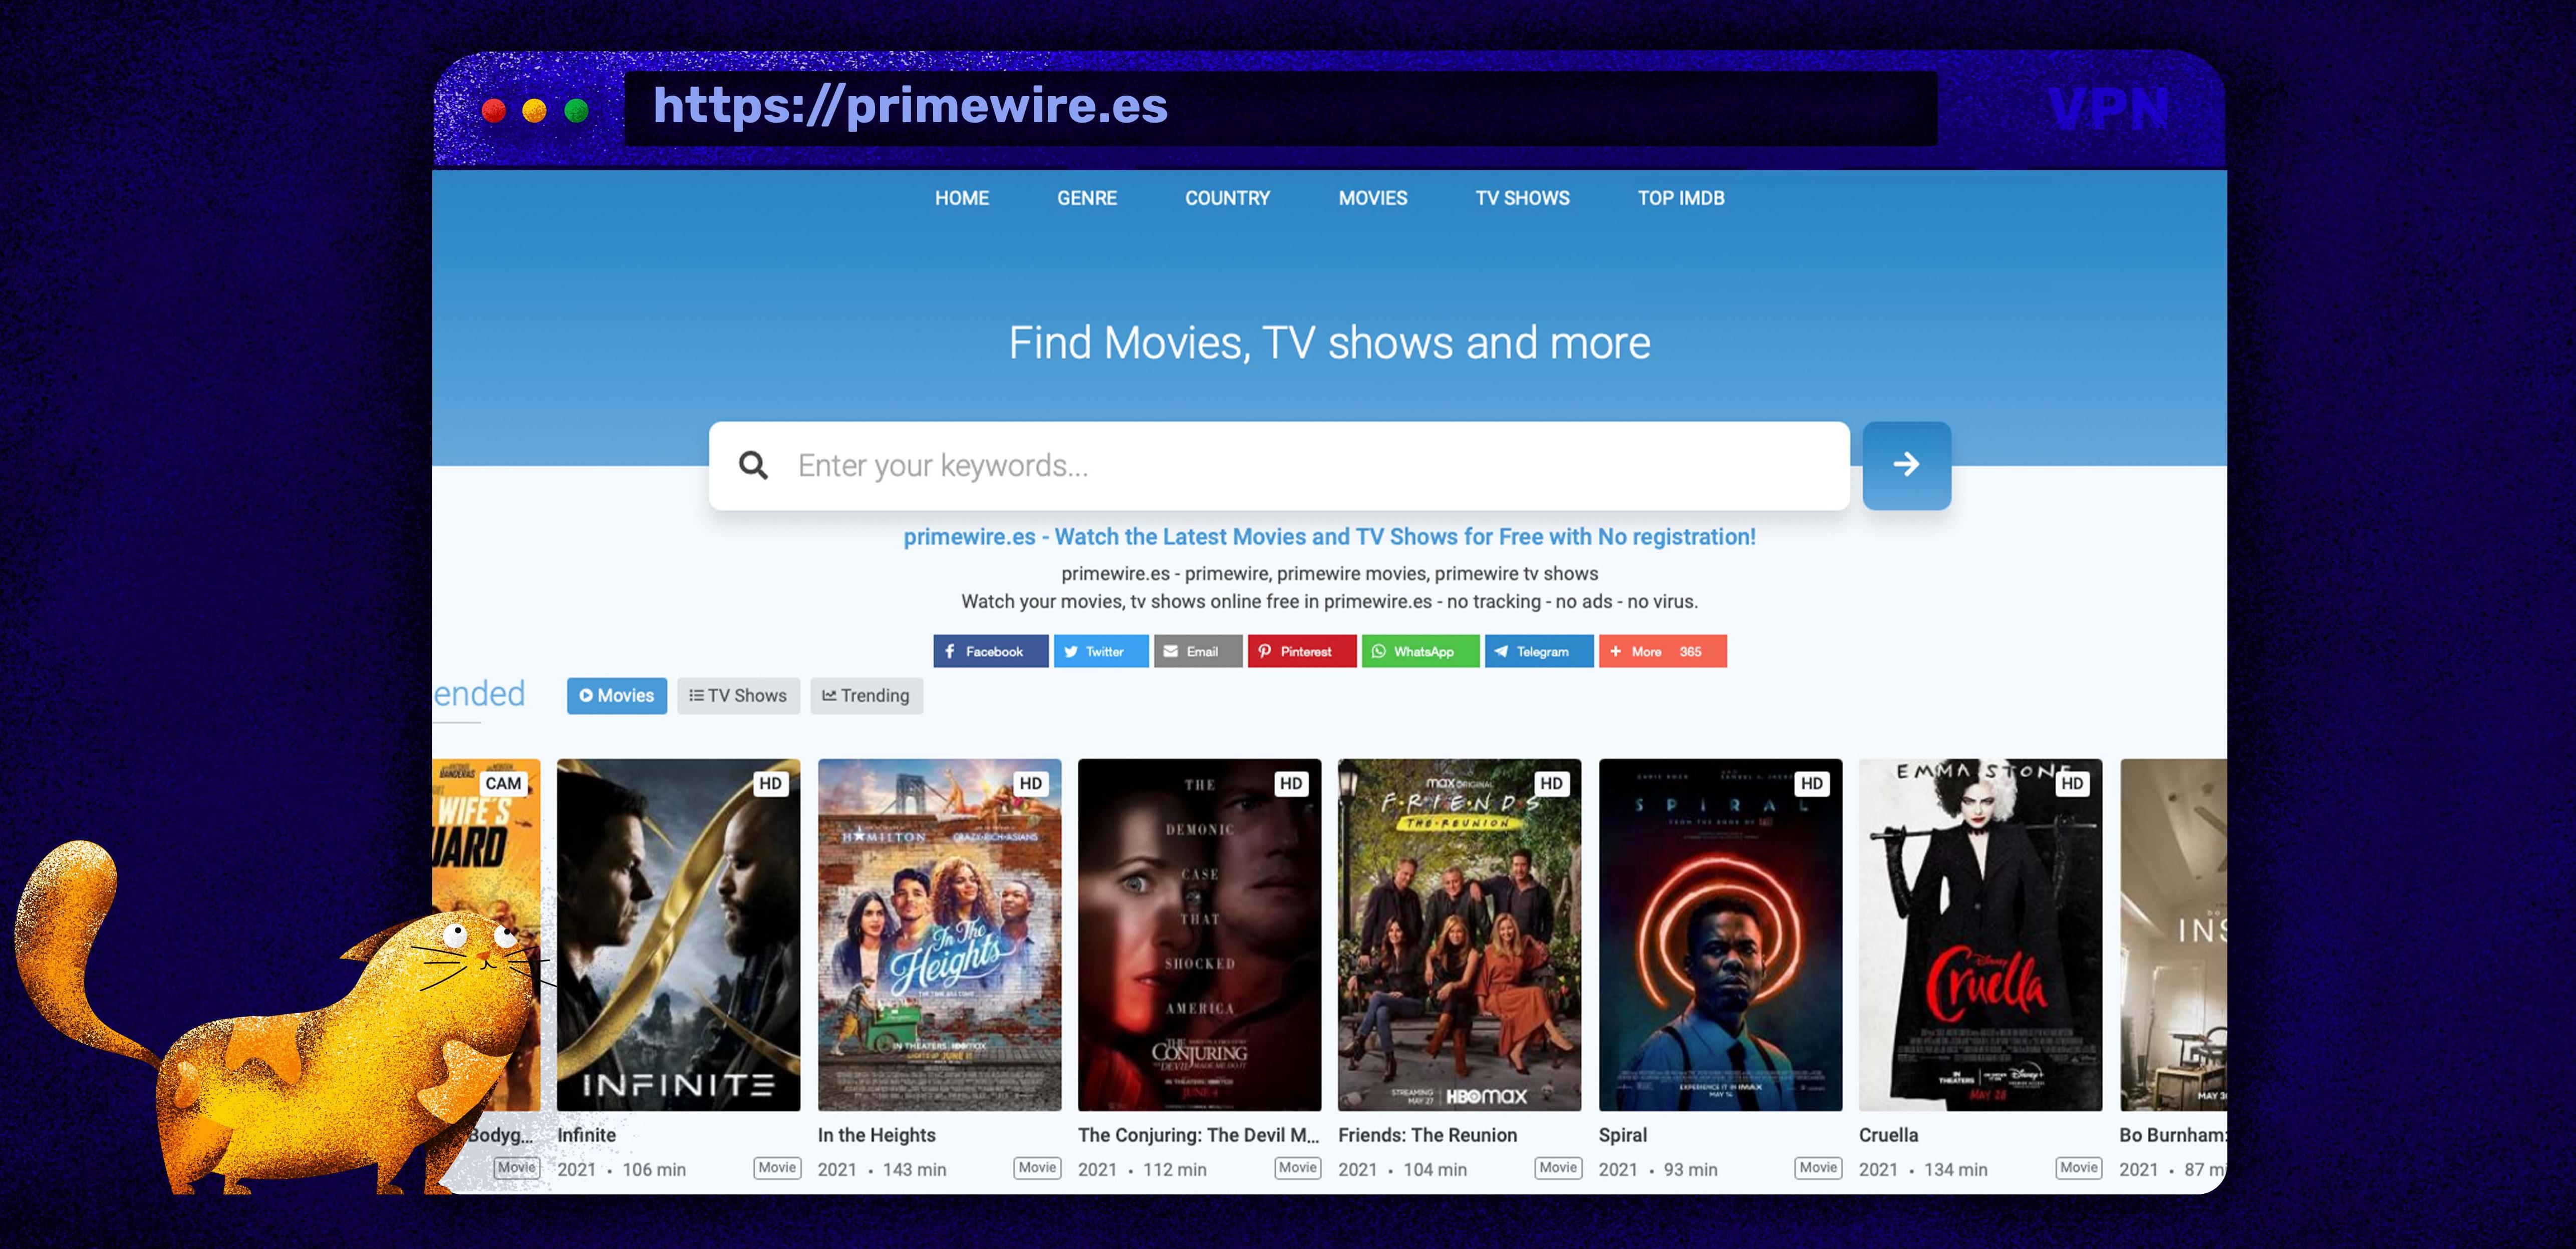 Nutzen Sie Primewire als Putlocker-Alternative zum Streamen von Filmen und TV-Sendungen